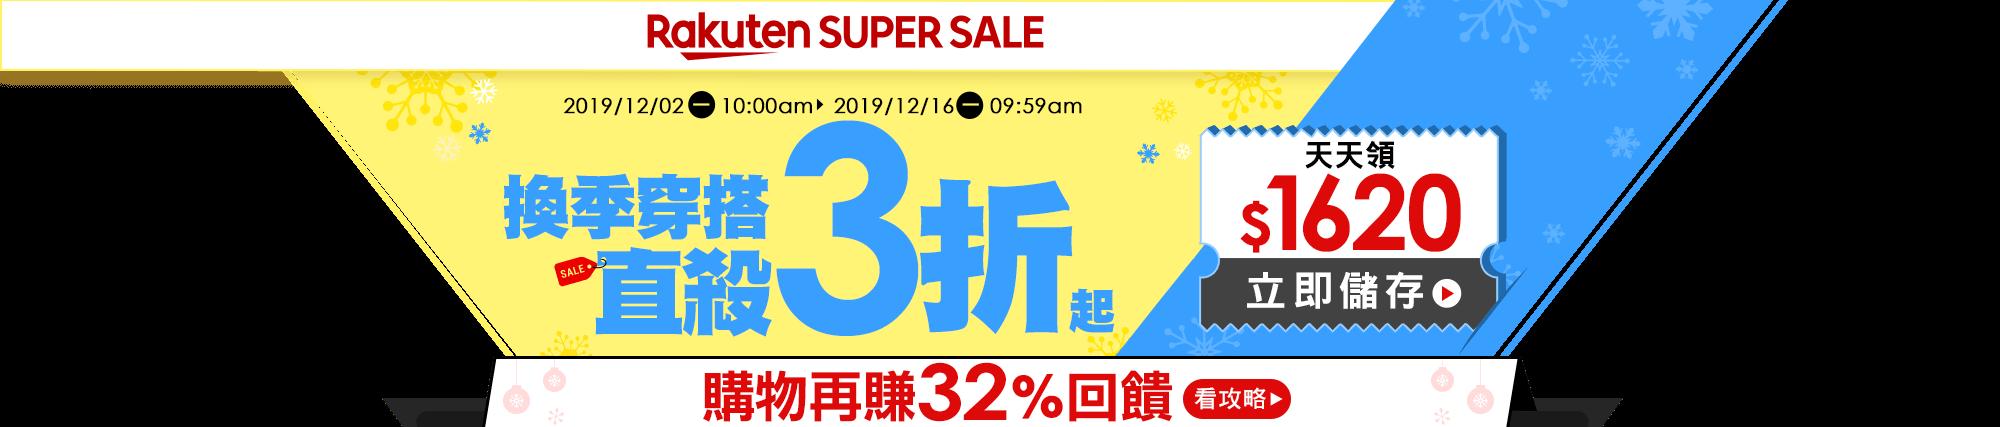 樂天雙12 SUPER SALE!換季男女裝3折起,最高再賺32%回饋